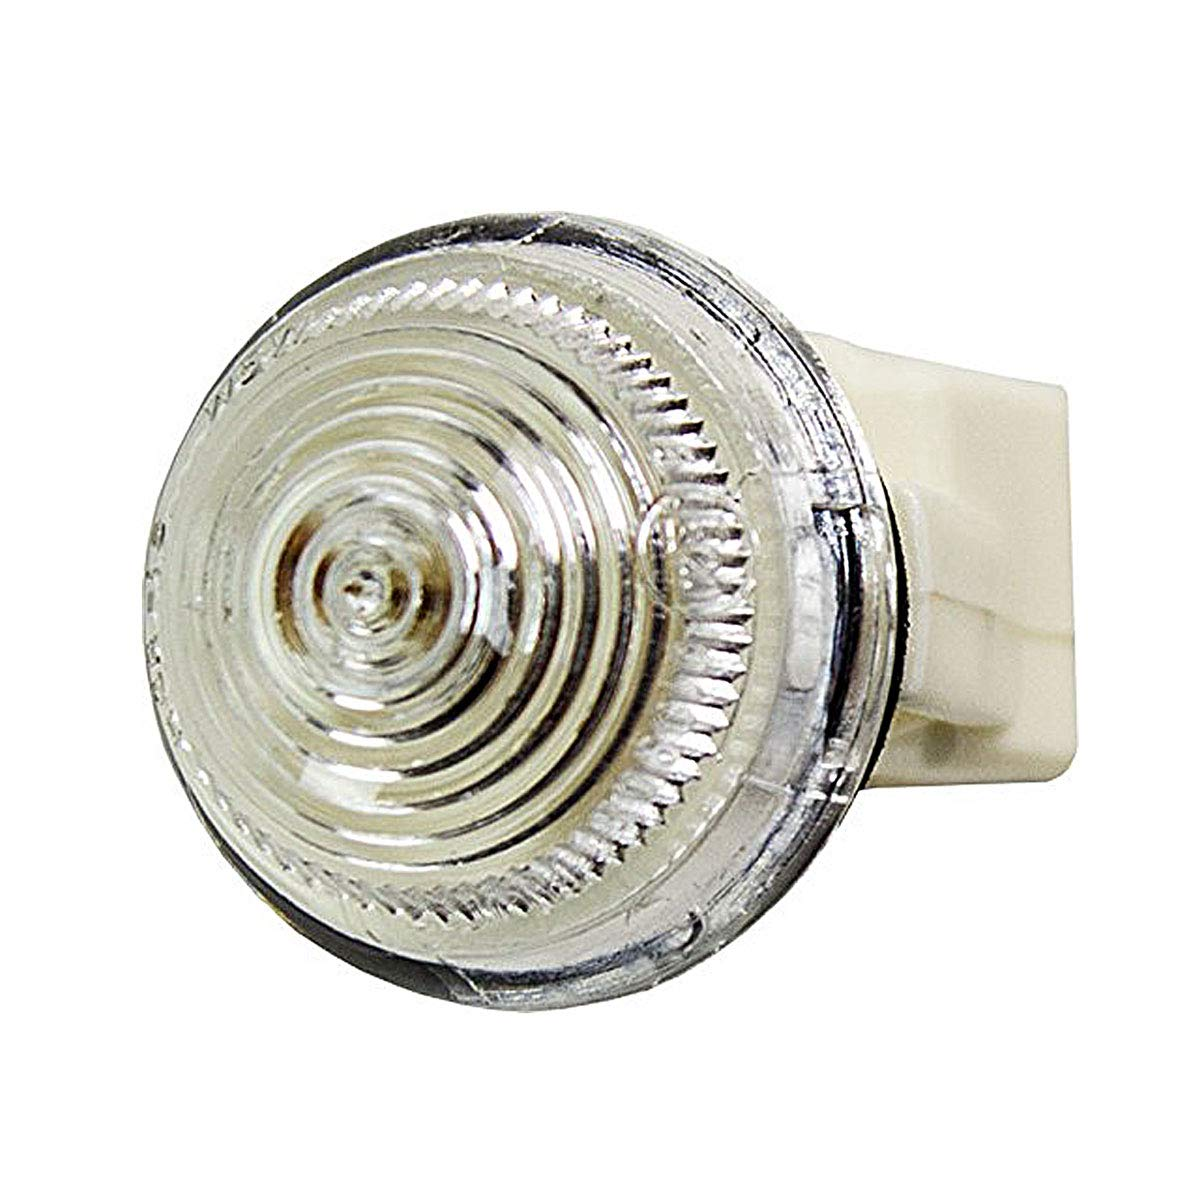 Bianco per SEICENTO dal 1998 a 2000 Fanalino Freccia Laterale Destro//Sinistro con Porta Lampada